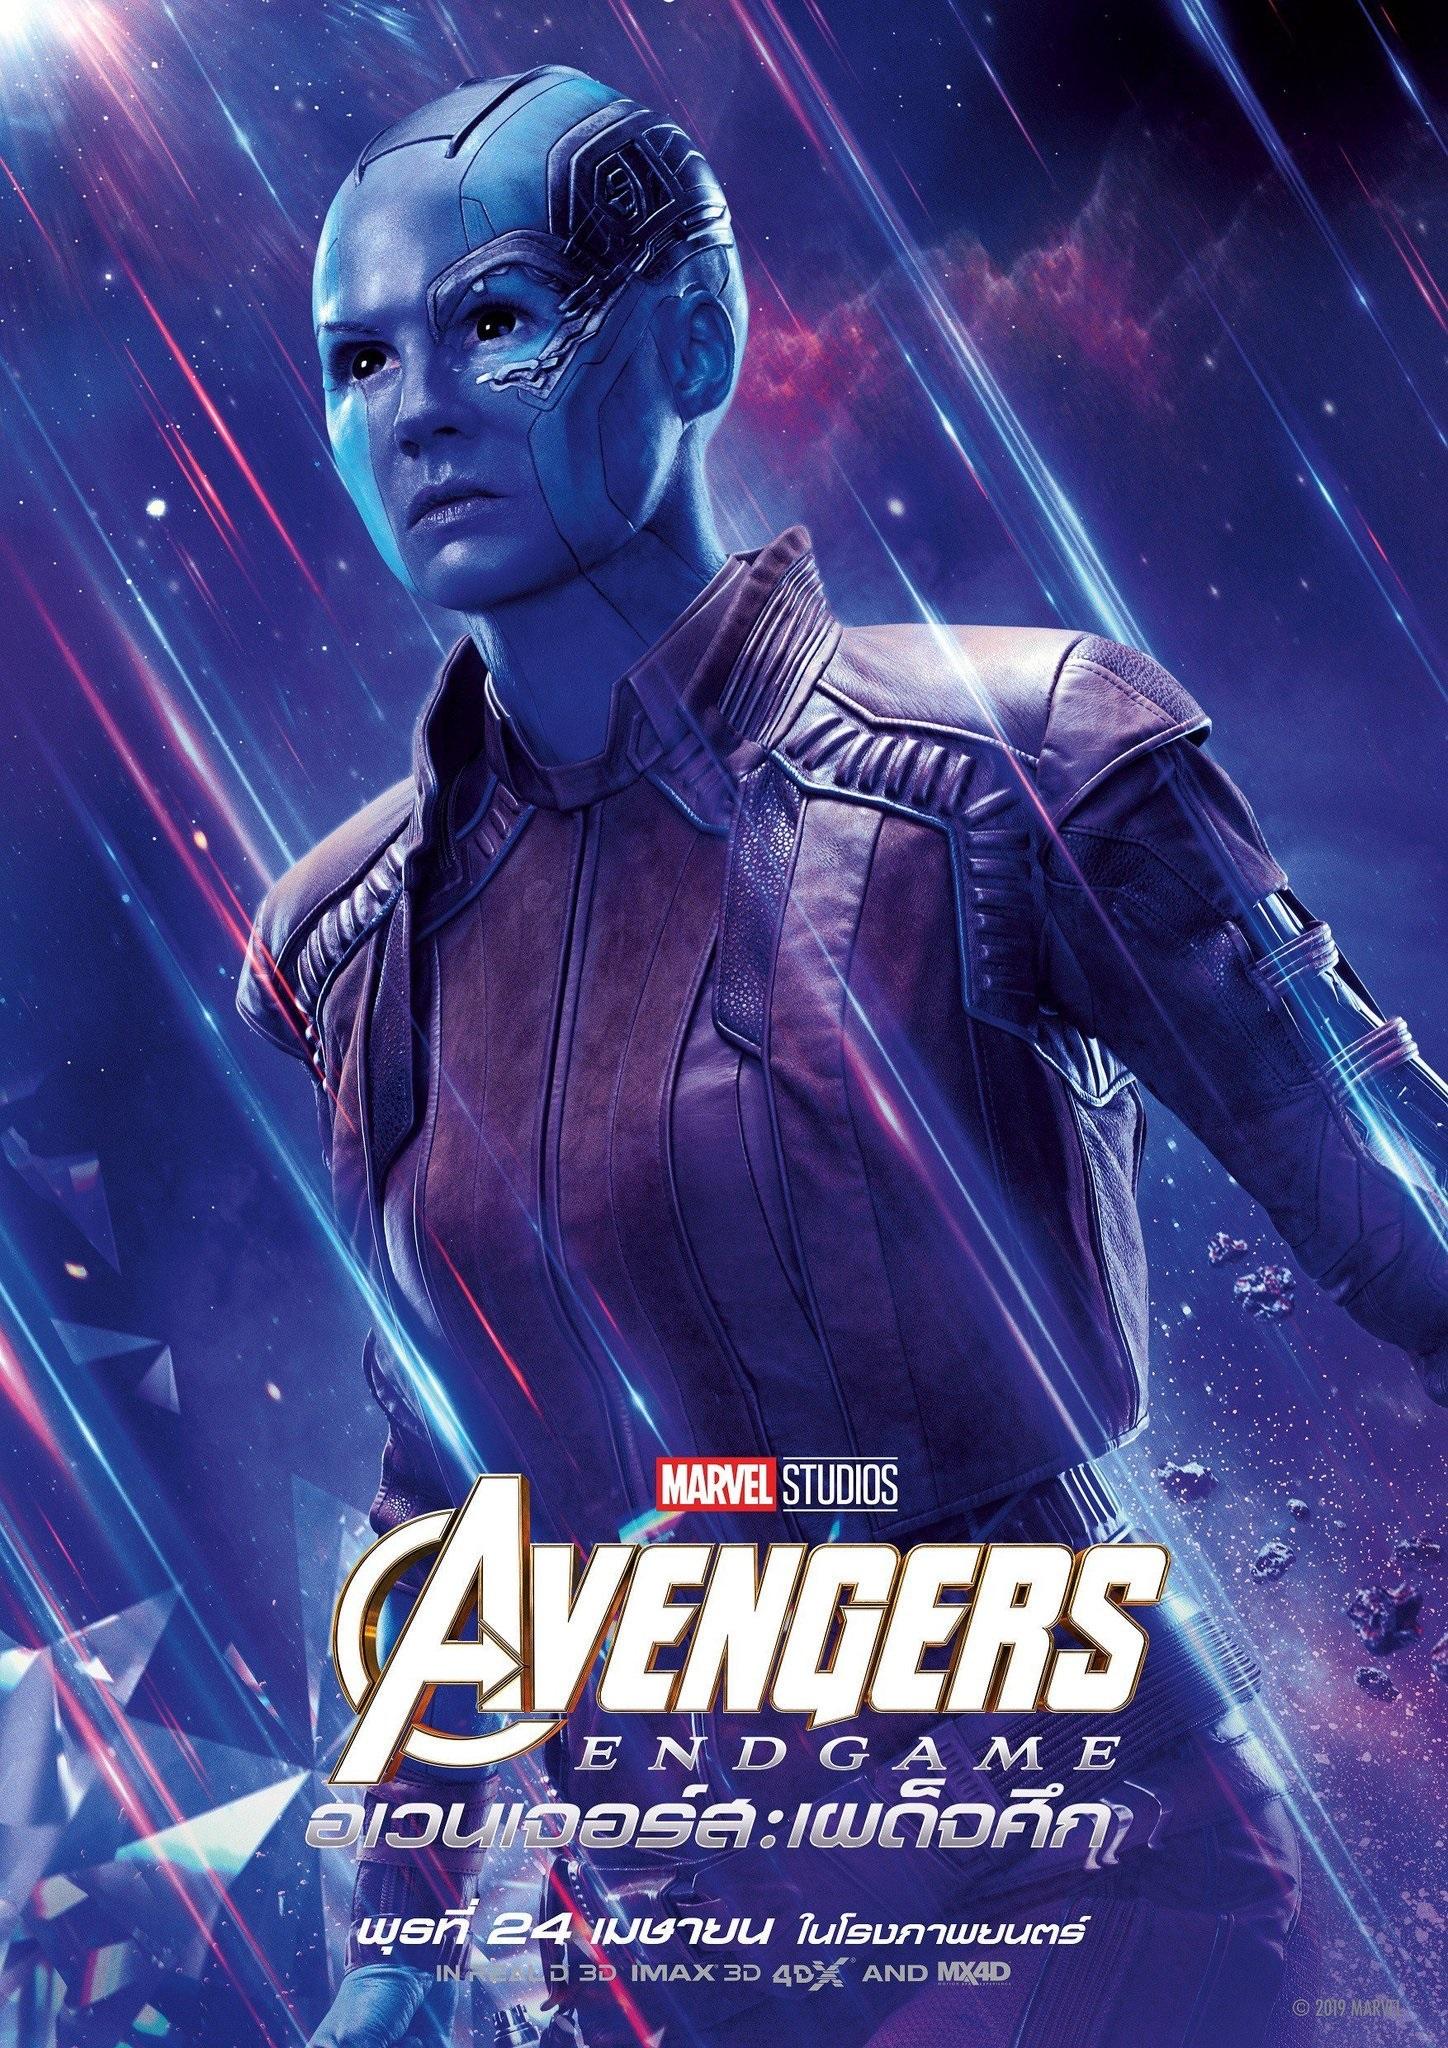 Endgame international character poster for Nebula